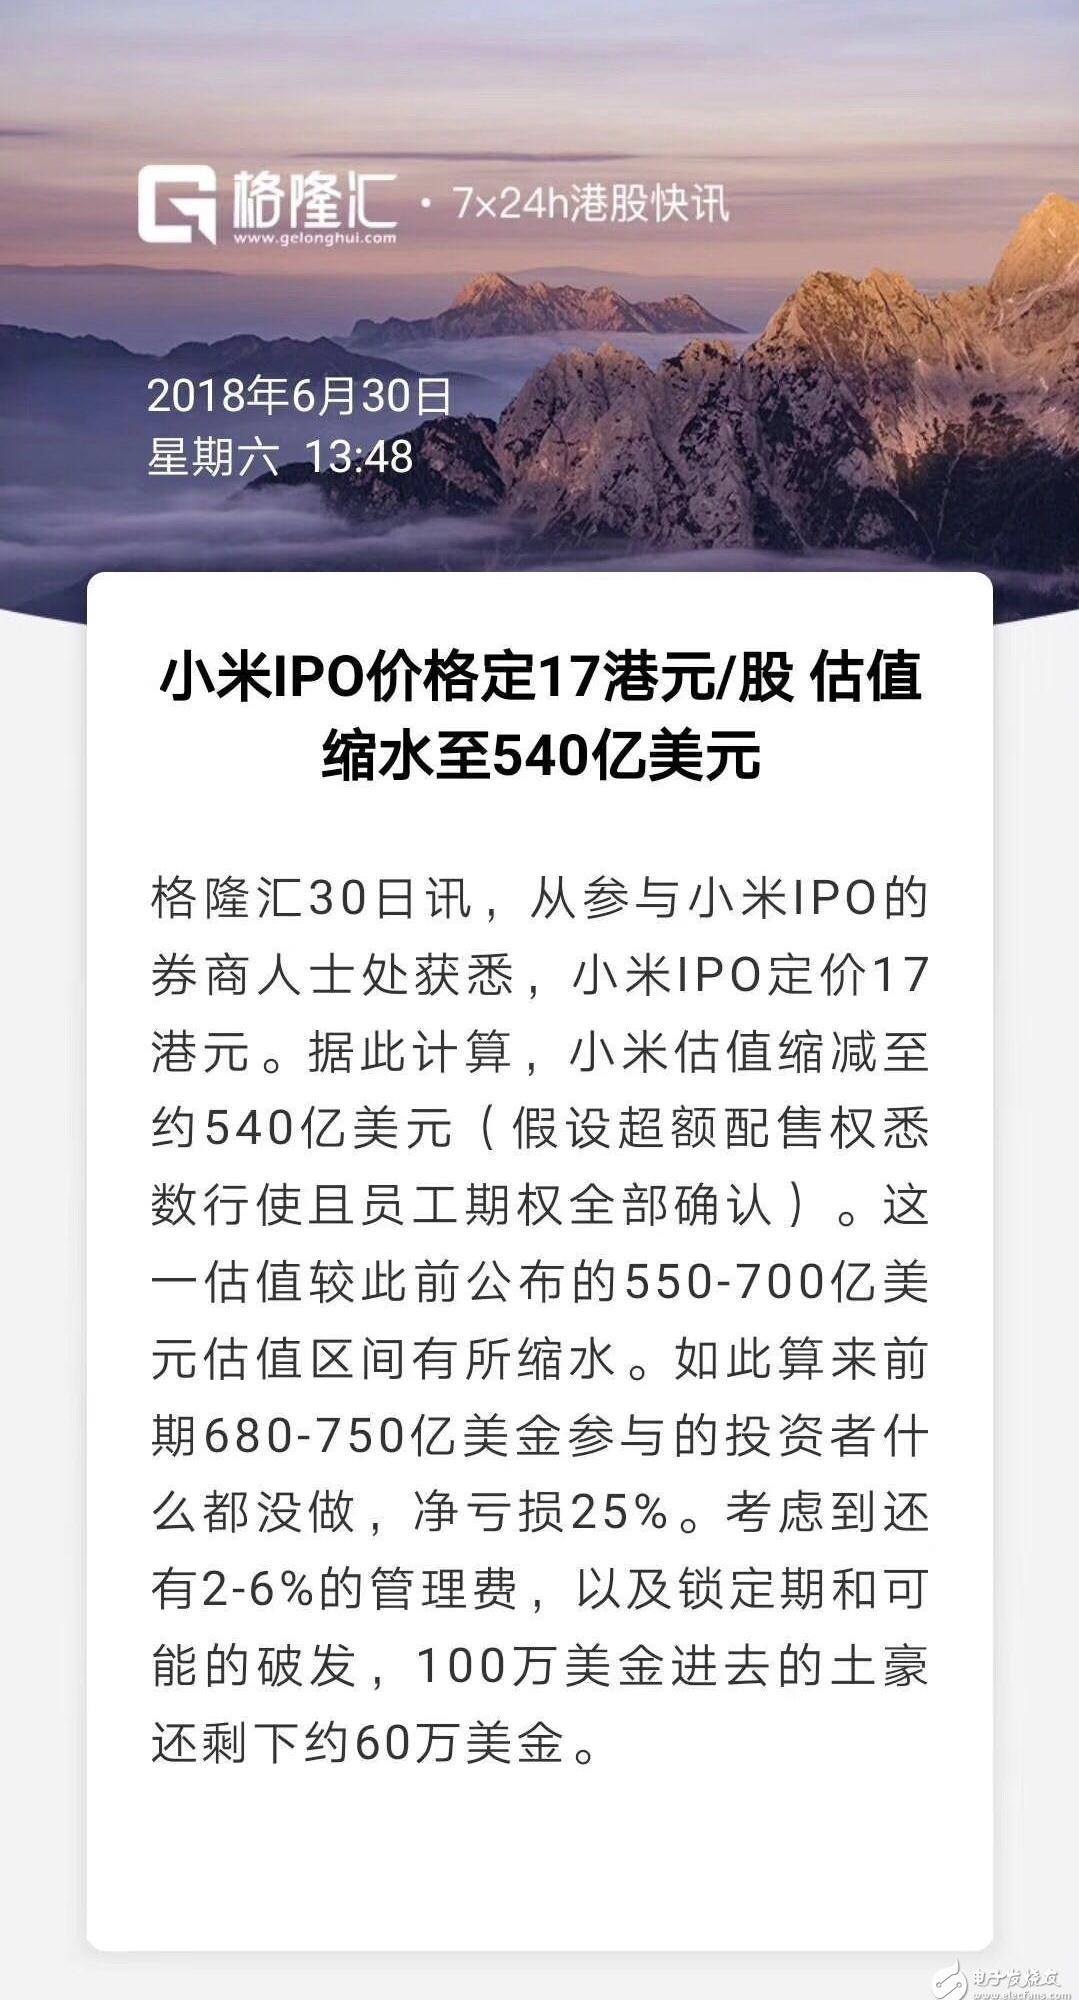 小米IPO价格定在17港元 估值缩水至540亿美元